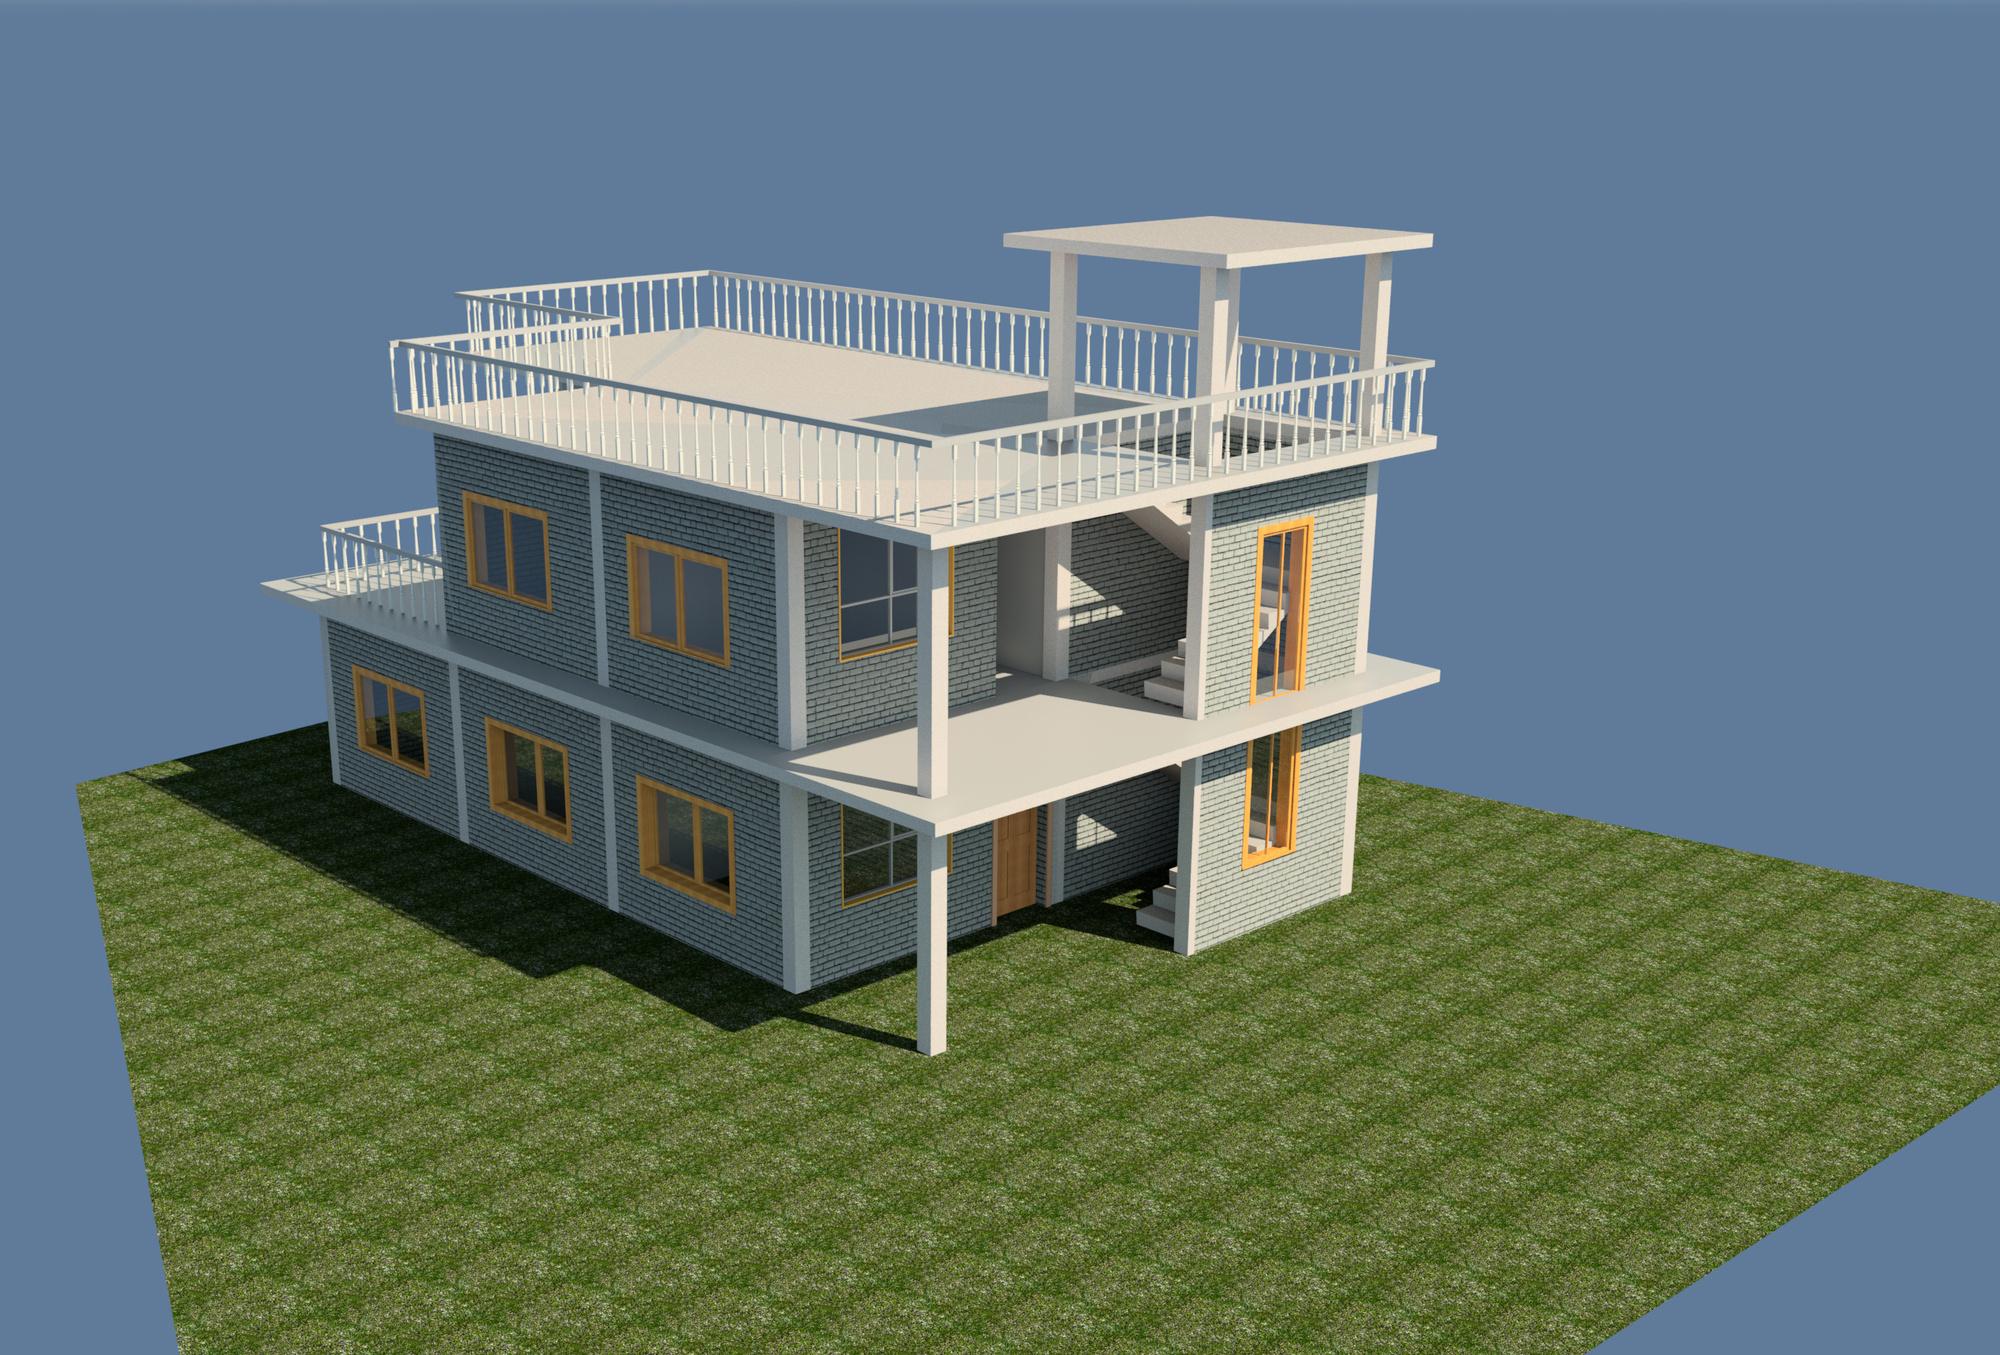 Raas-rendering20150305-24786-1pplzcv